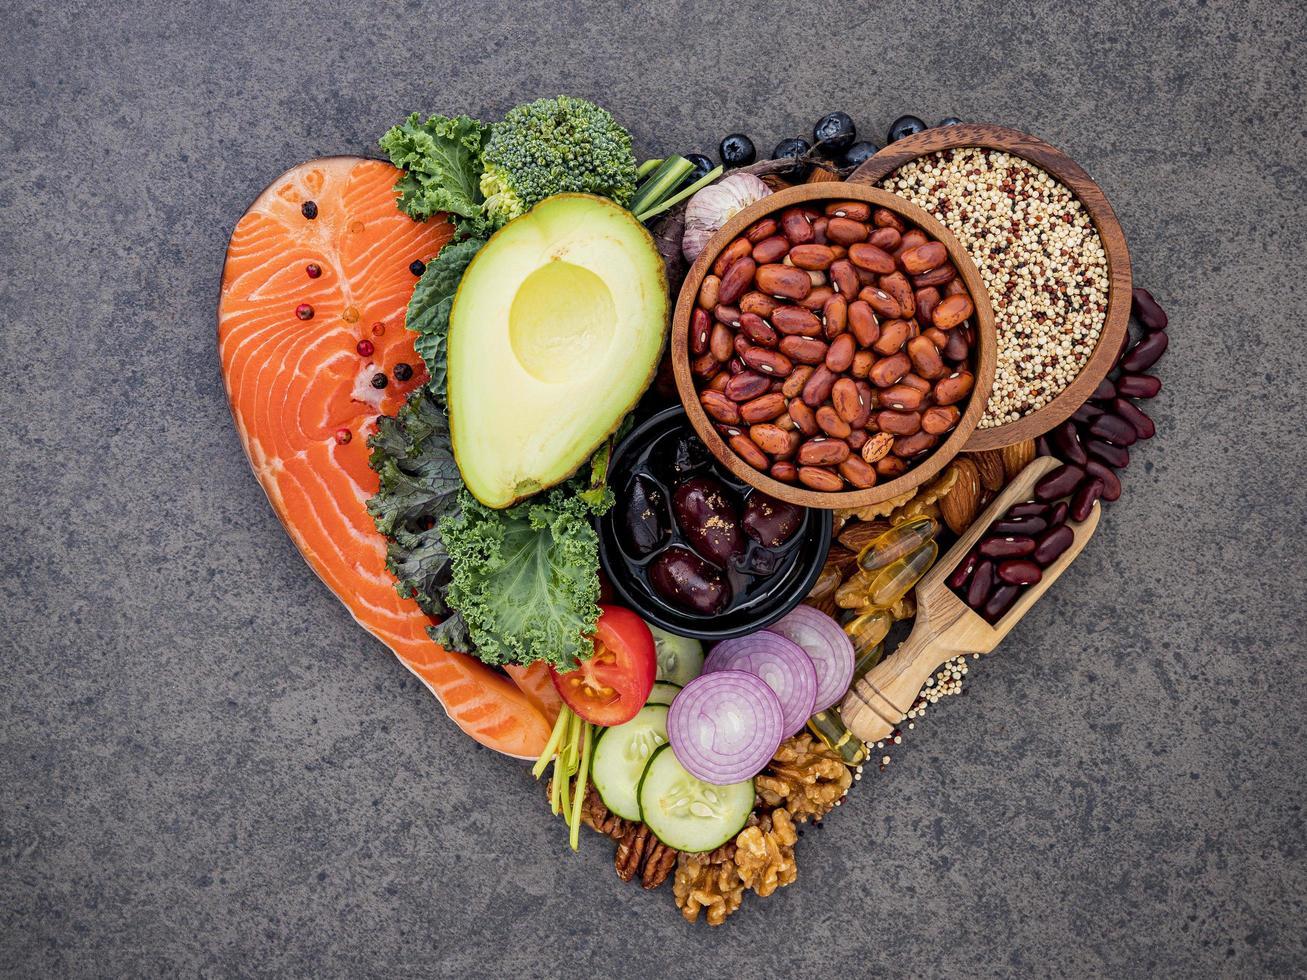 alimentos saudáveis em forma de coração foto